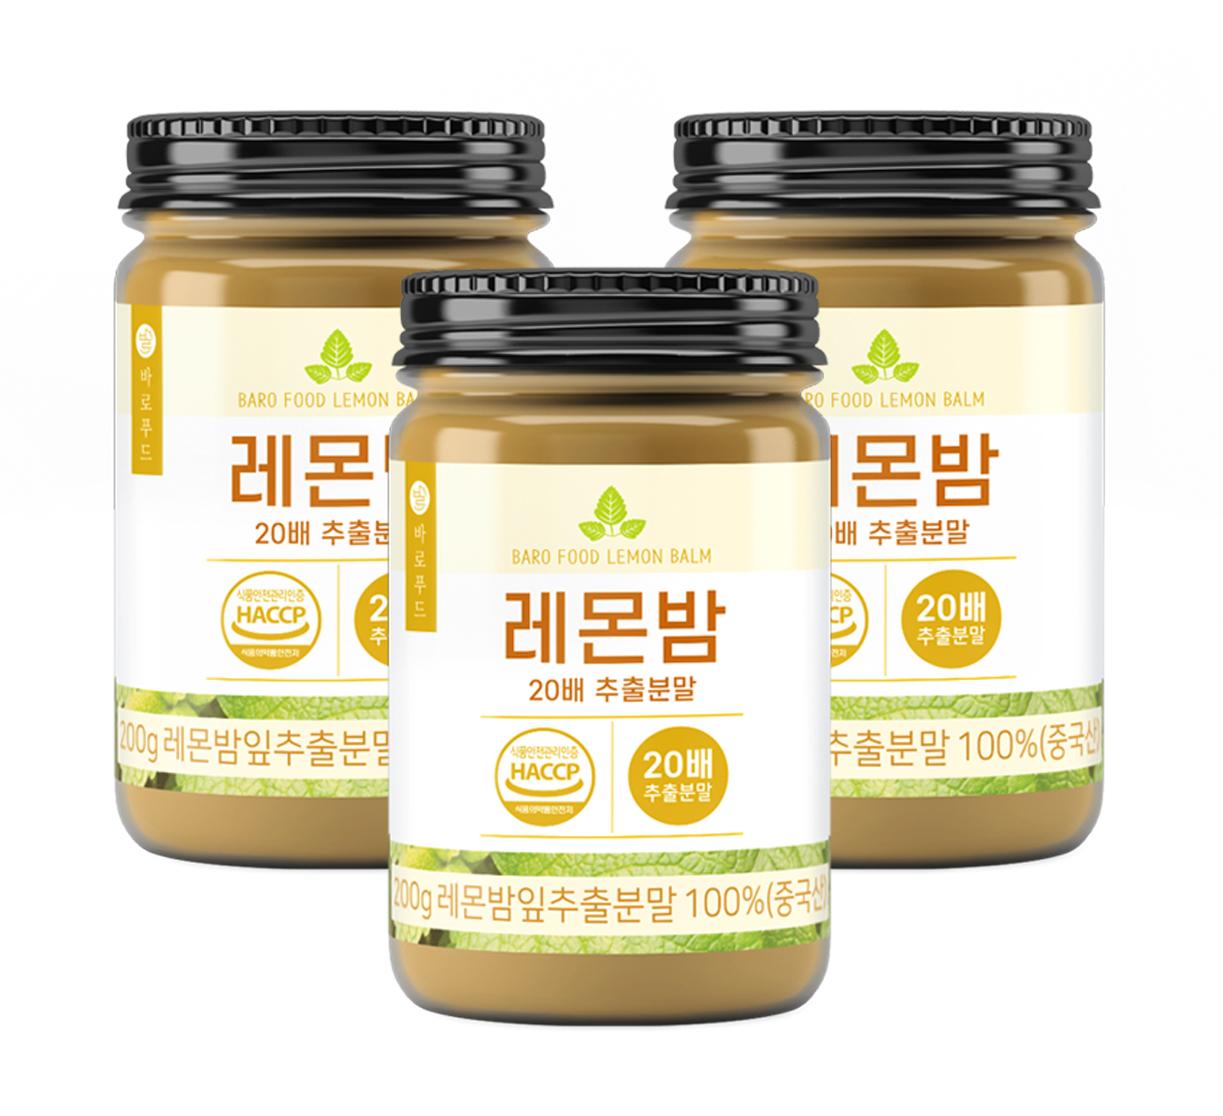 바로푸드 레몬밤 20배 추출분말, 200g, 3개